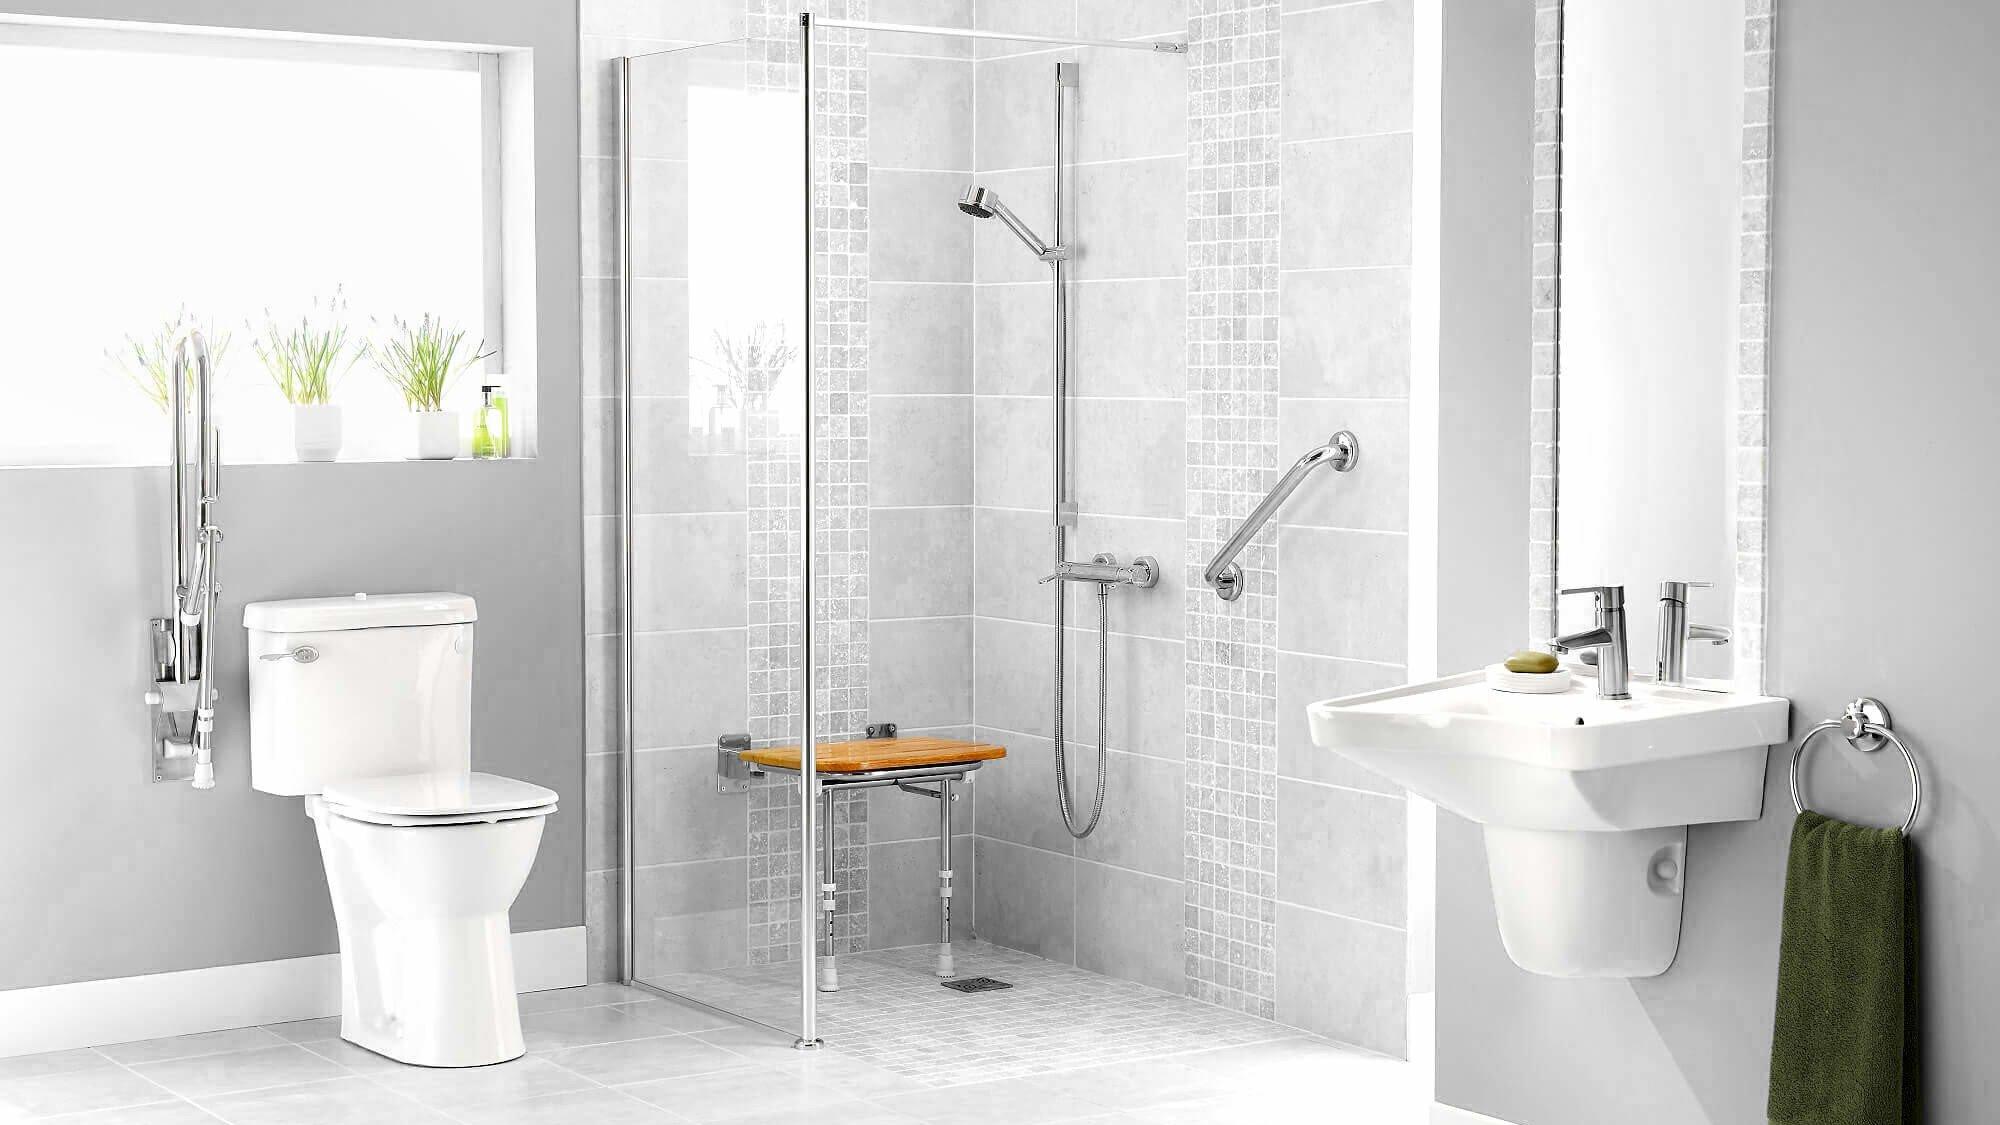 Eine barrierefreie Dusche altersgerecht und zukunftsorientiert planen